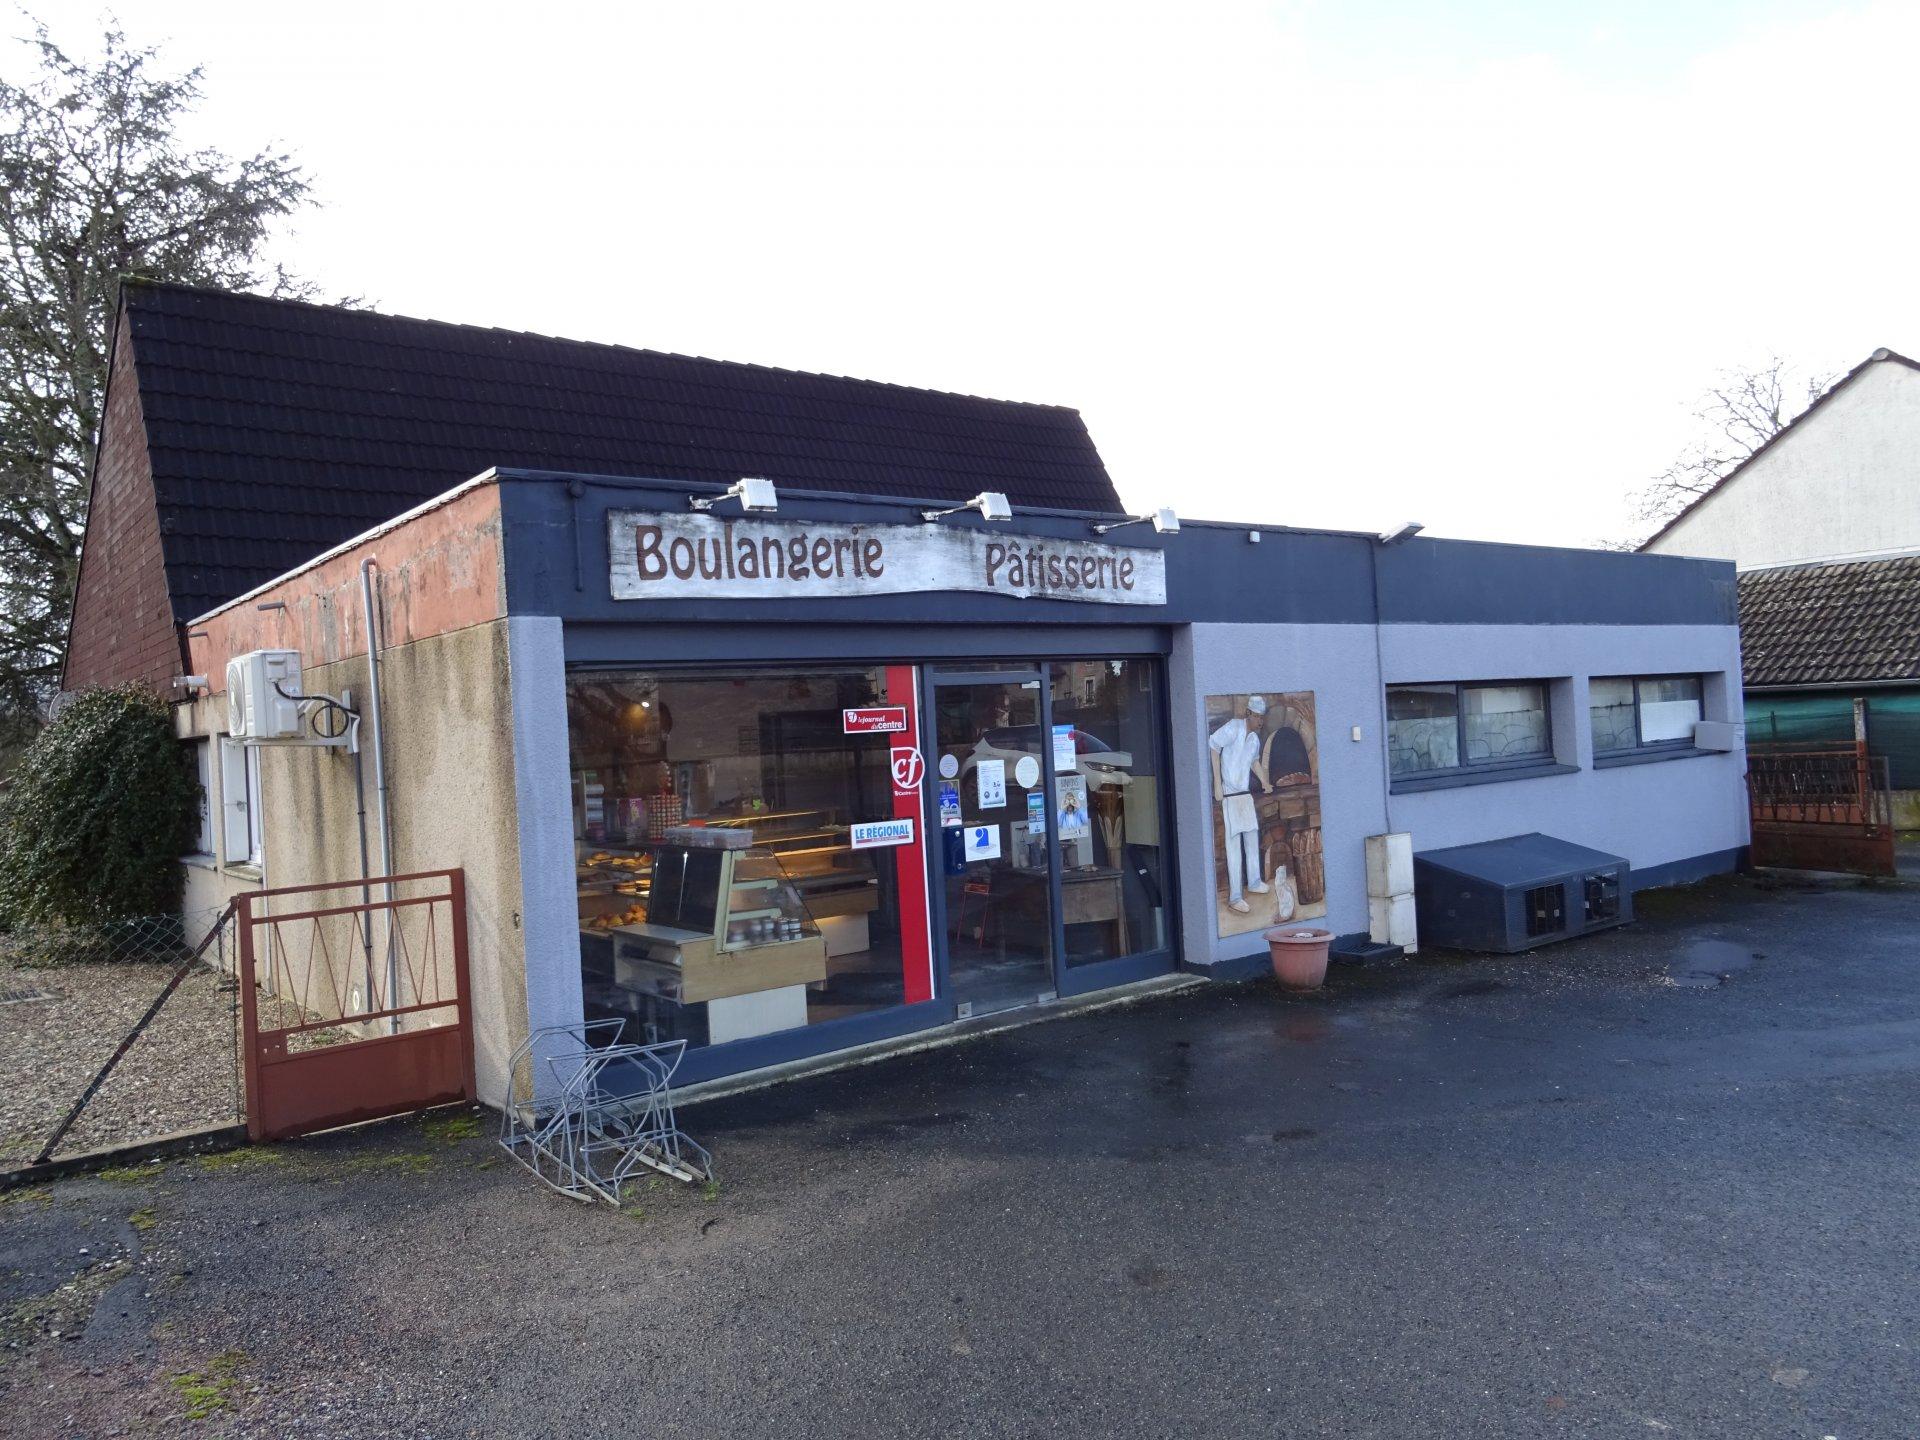 Boutique Boulangerie - Patisserie